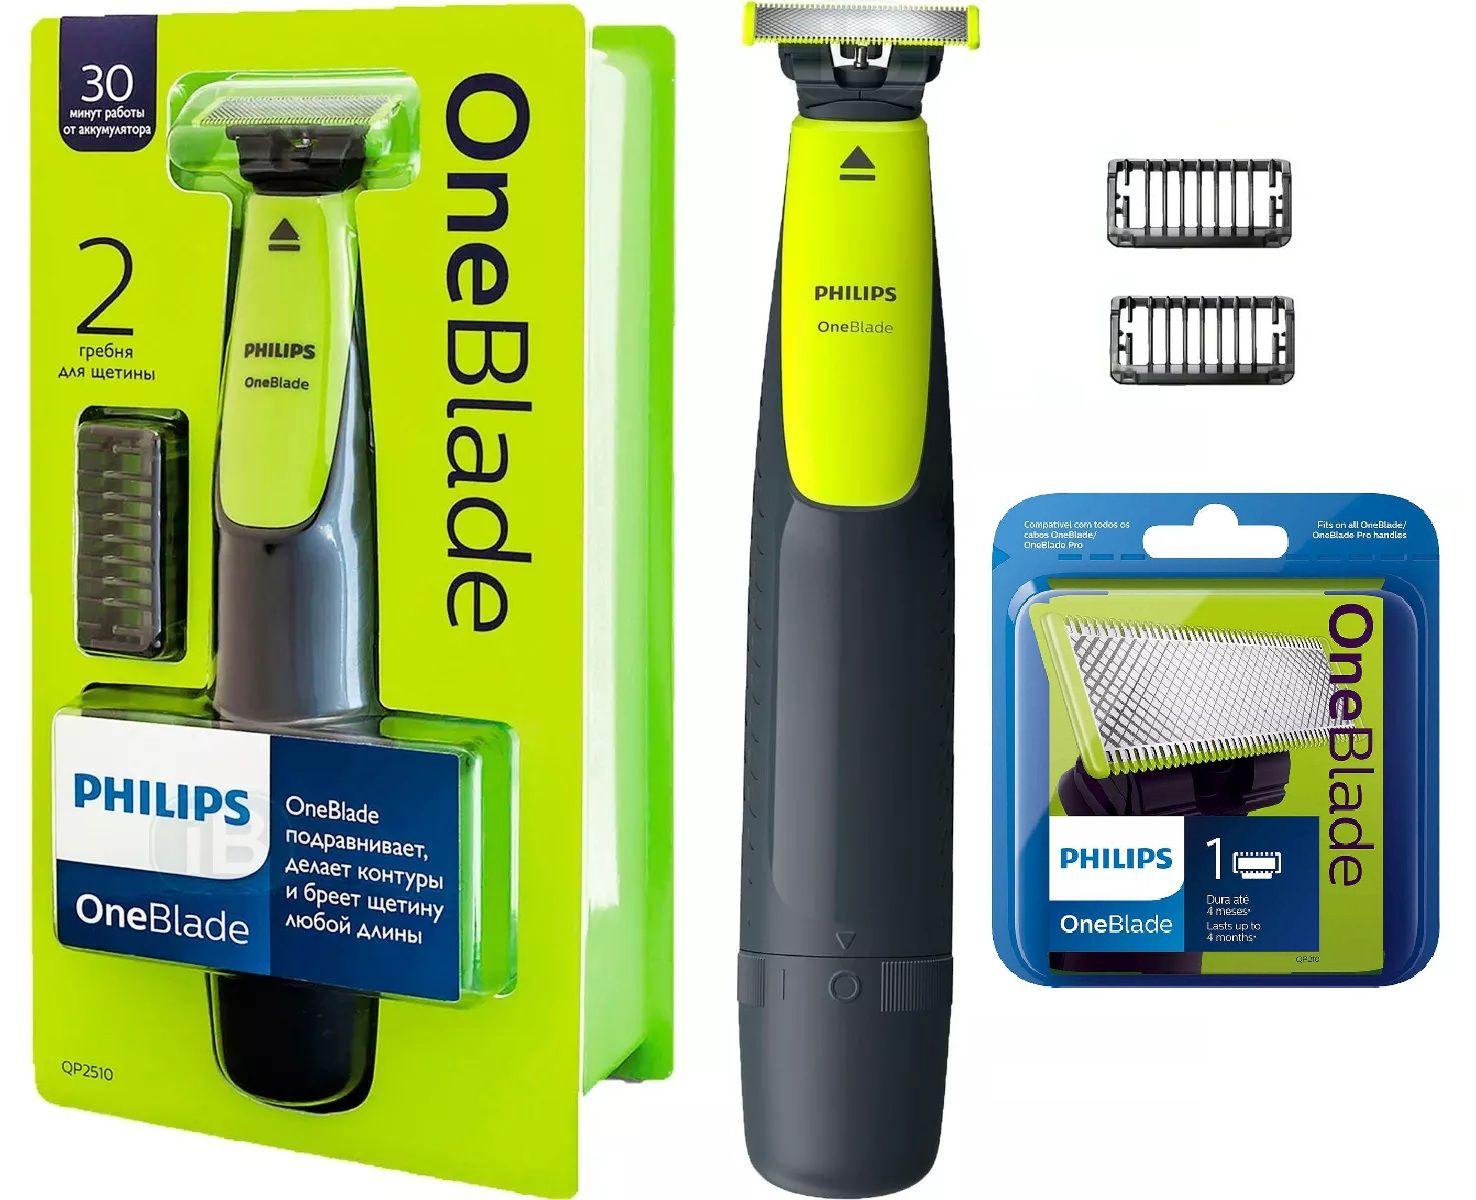 Kit Barbeador Aparador Elétrico Philips One Blade QP2510 com Refil